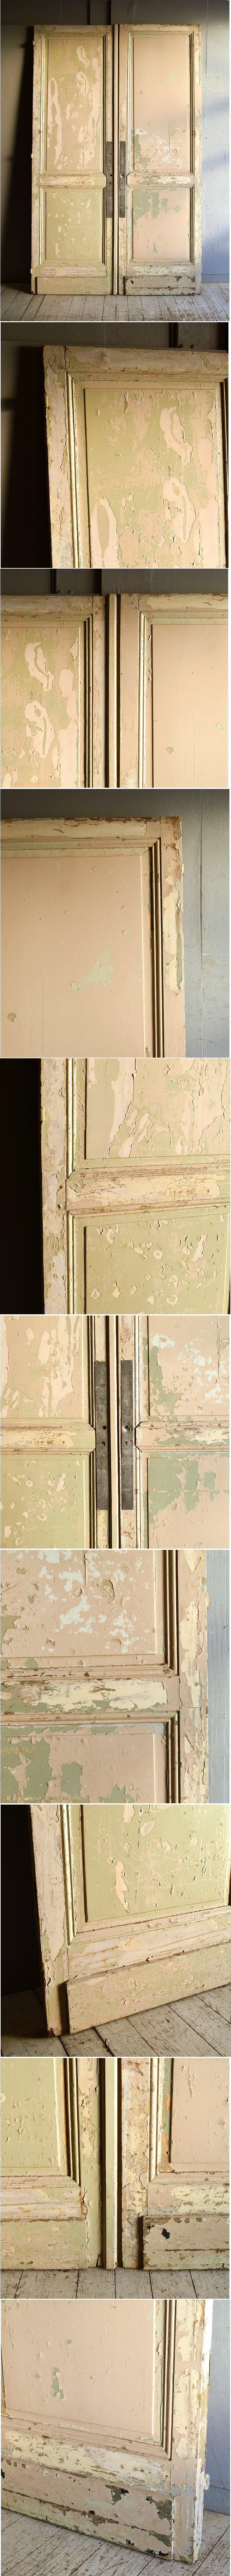 フレンチ アンティーク ドア 扉 建具×2  9219